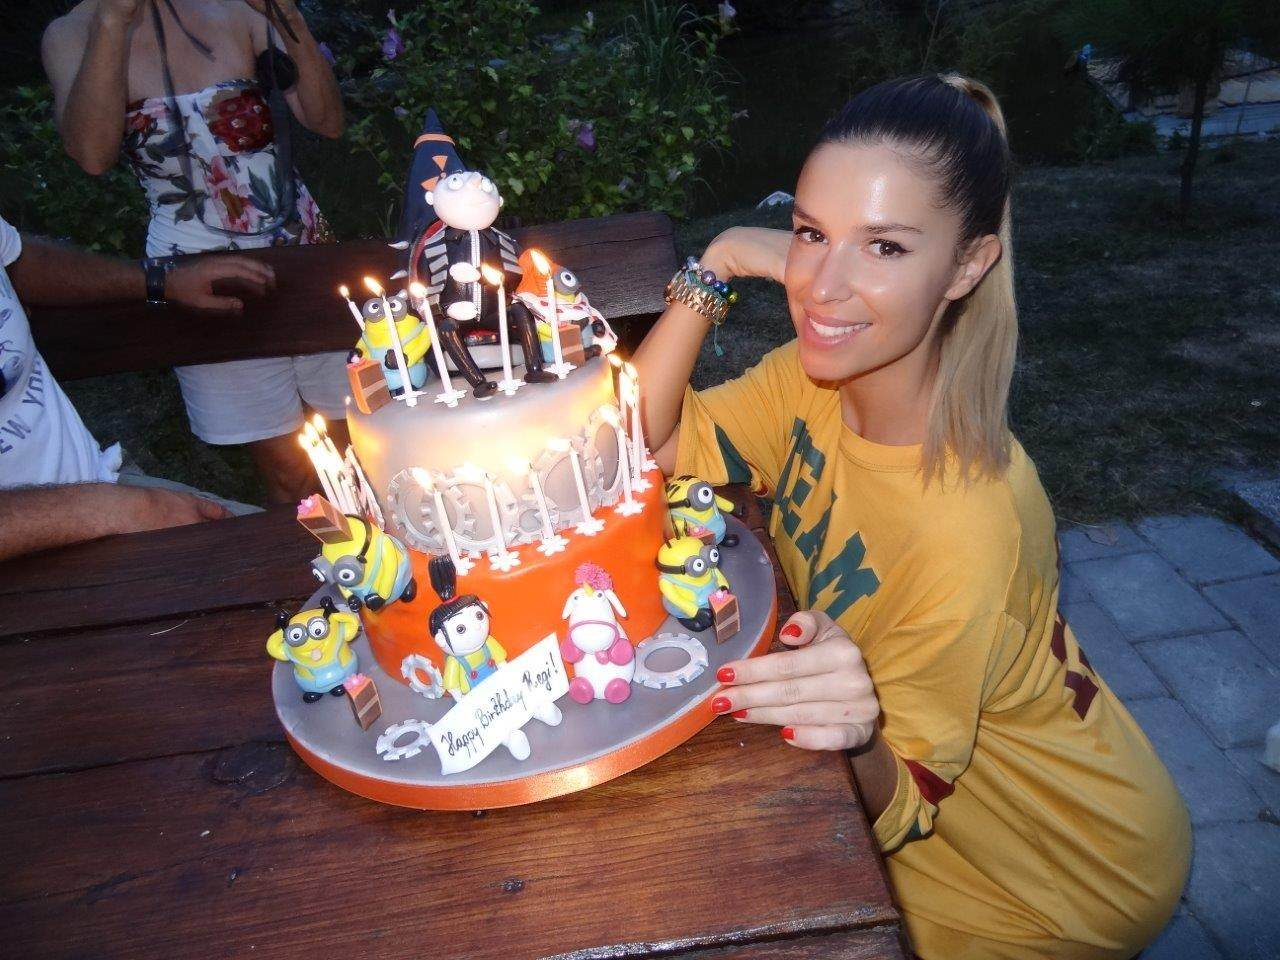 40 szülinapi torta torta és karamell: Dukai Regina szülinapi tortája  40 szülinapi torta